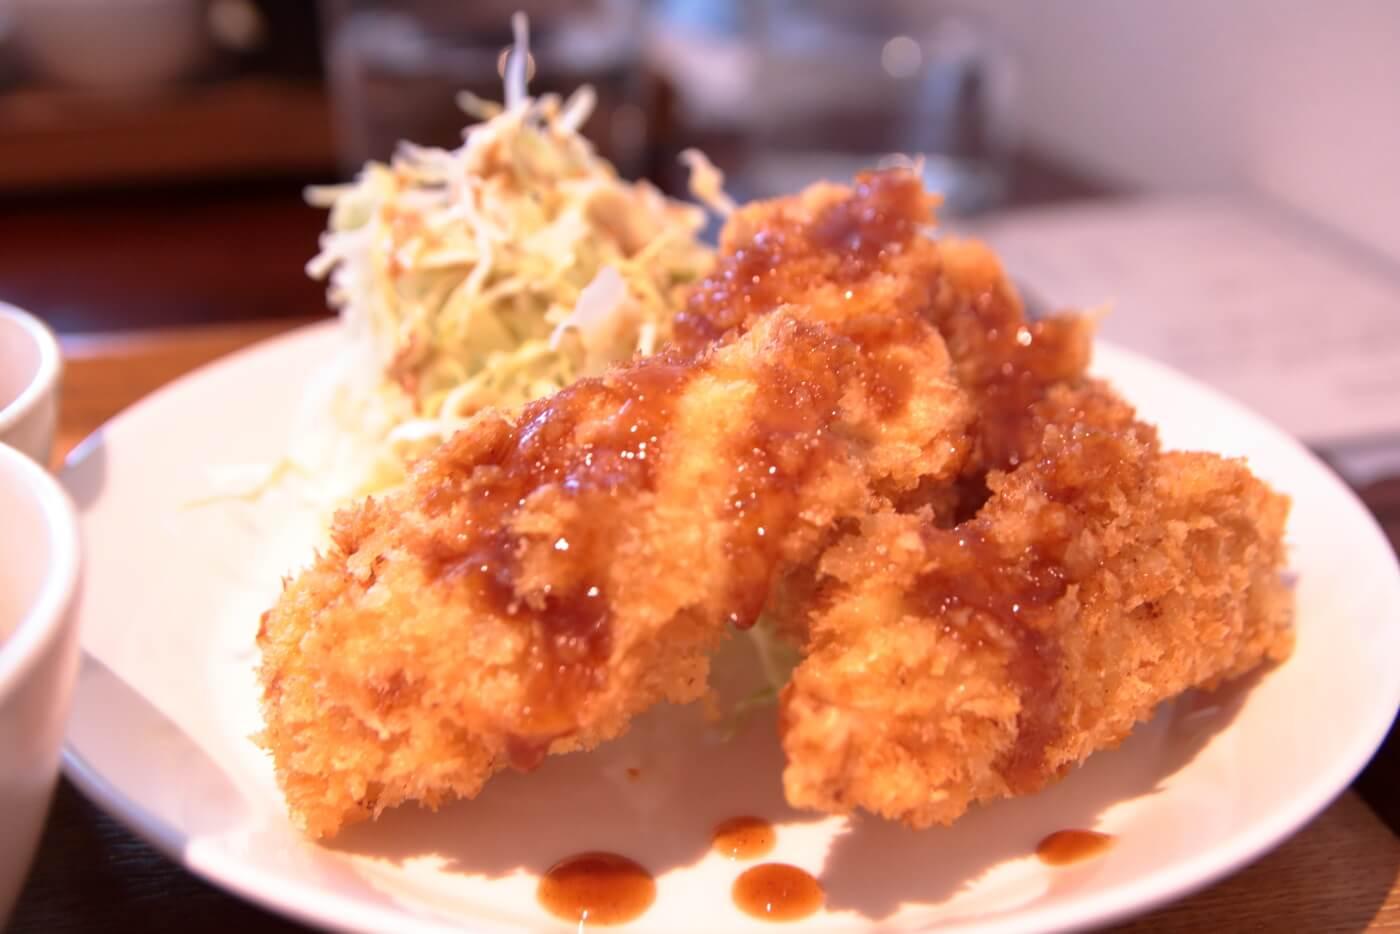 cafe Melba(メルバ) 日替わりランチ 鶏ささみフライ